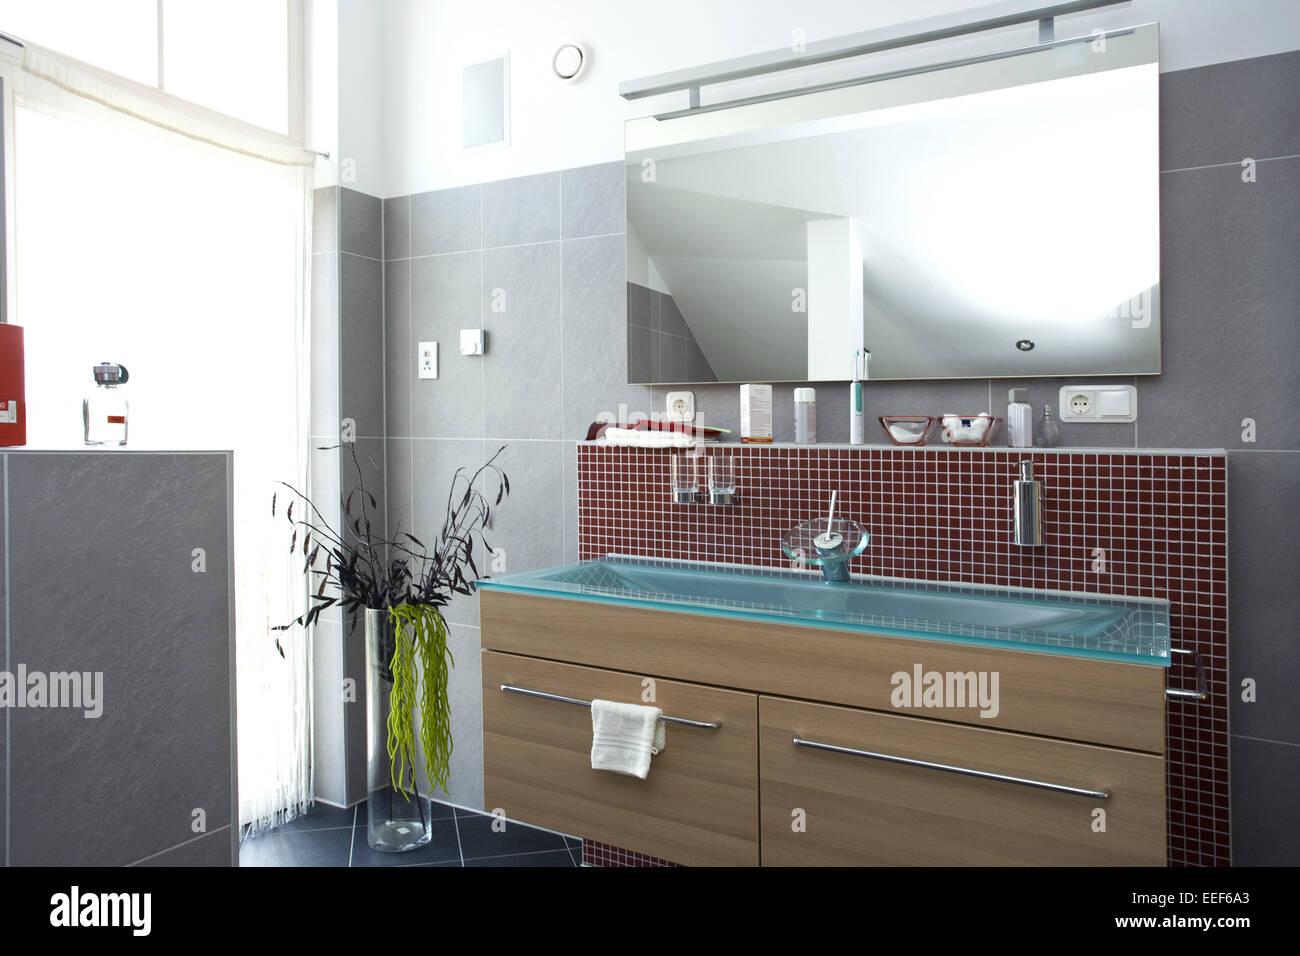 Architektur, Baustil, Einrichtungsgegenstaende, soll, Inneneinrichtung, Interieur, Möbel, Raum, Zimmer, geschmackvo Stockbild